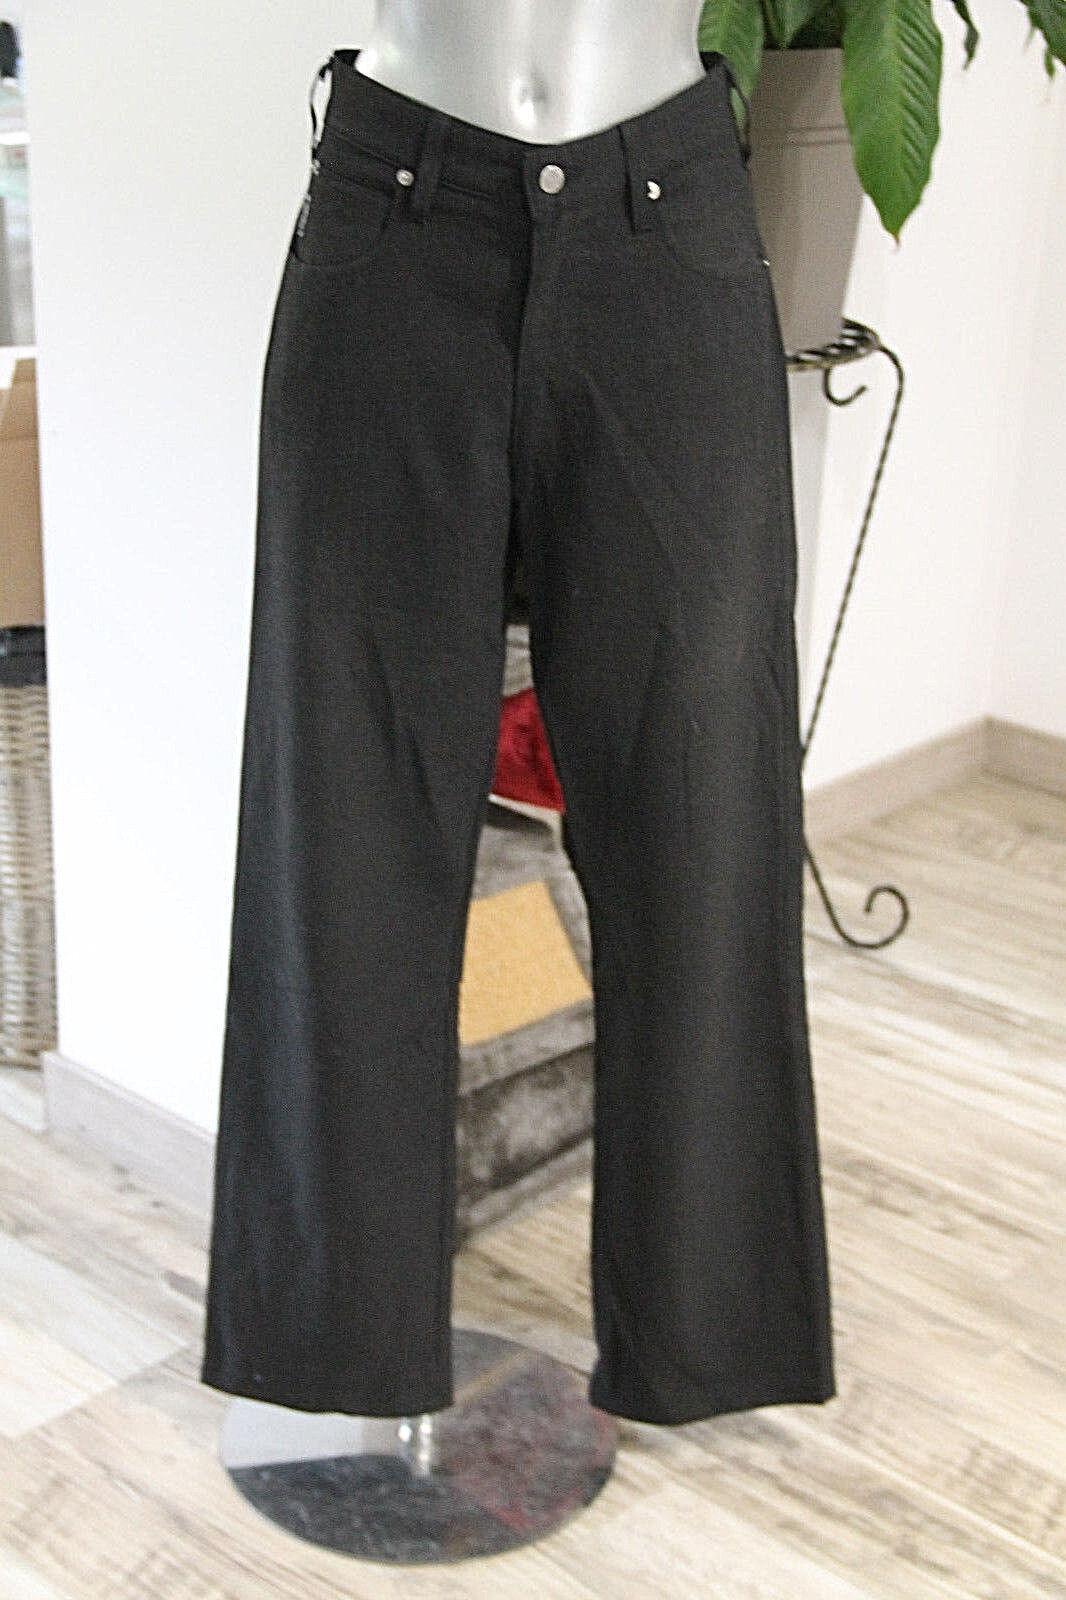 a1d82db25e Pantaloni fluidi grigio grigio grigio scuro vita alta donna ARMANI ...